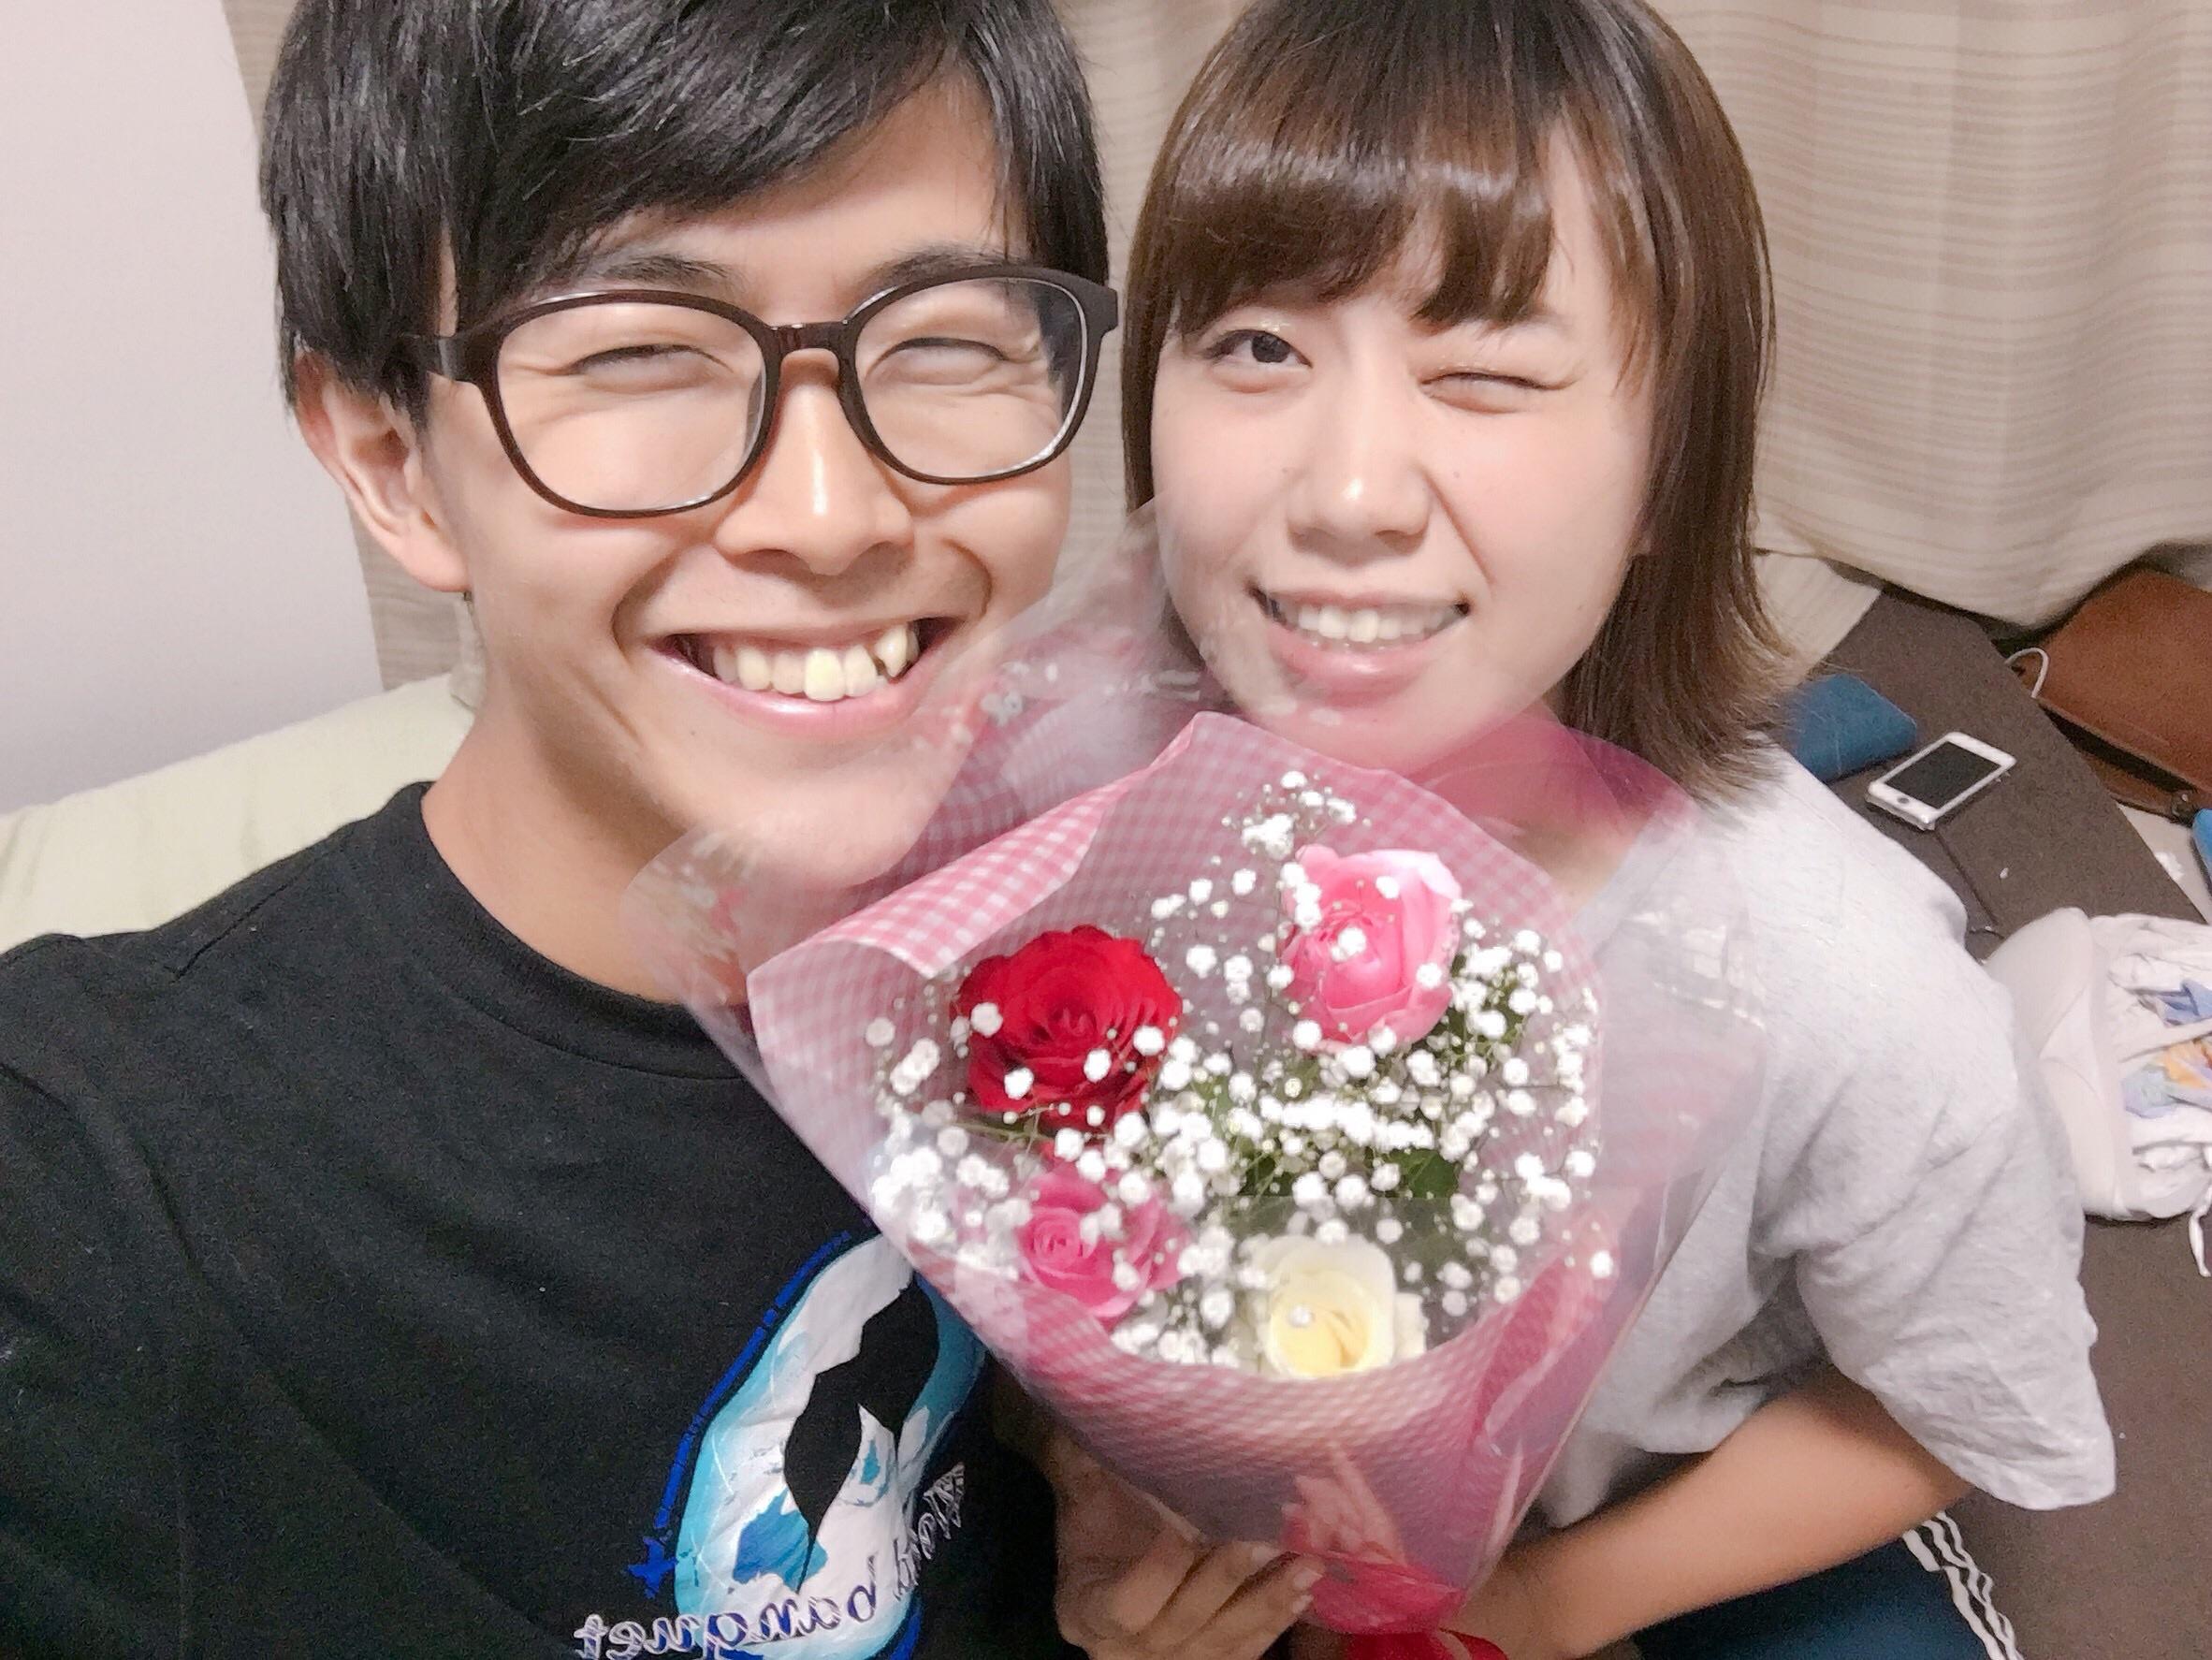 【サプライズ】彼女にバラをプレゼントしてみた【なんでもない日】